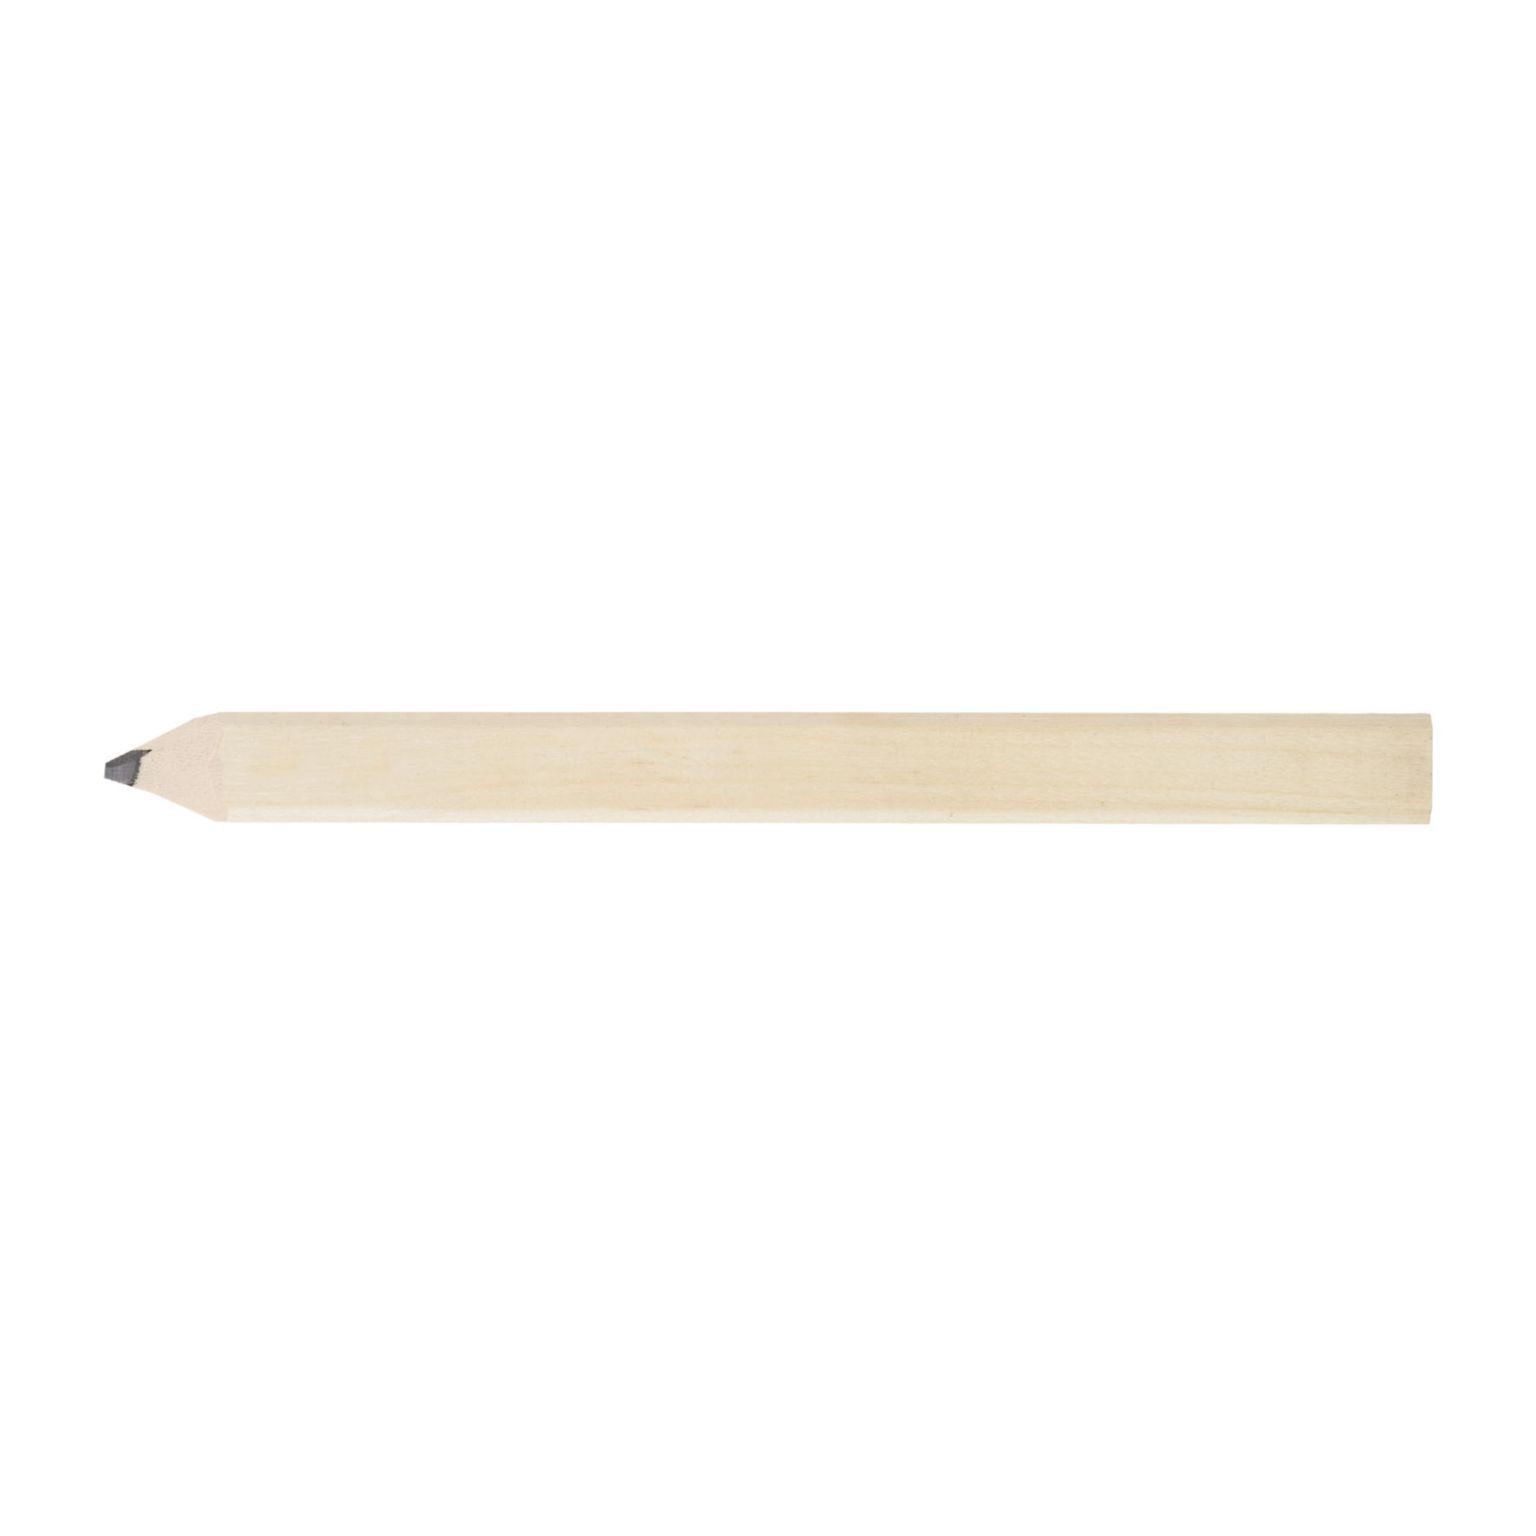 Crayon charpentier 17.8 cm